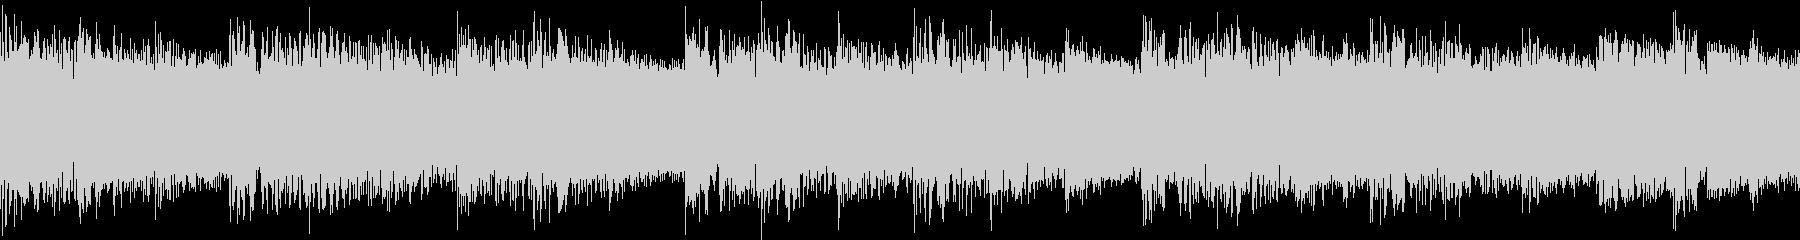 シンセ サイレン アナログ ピコピコ10の未再生の波形